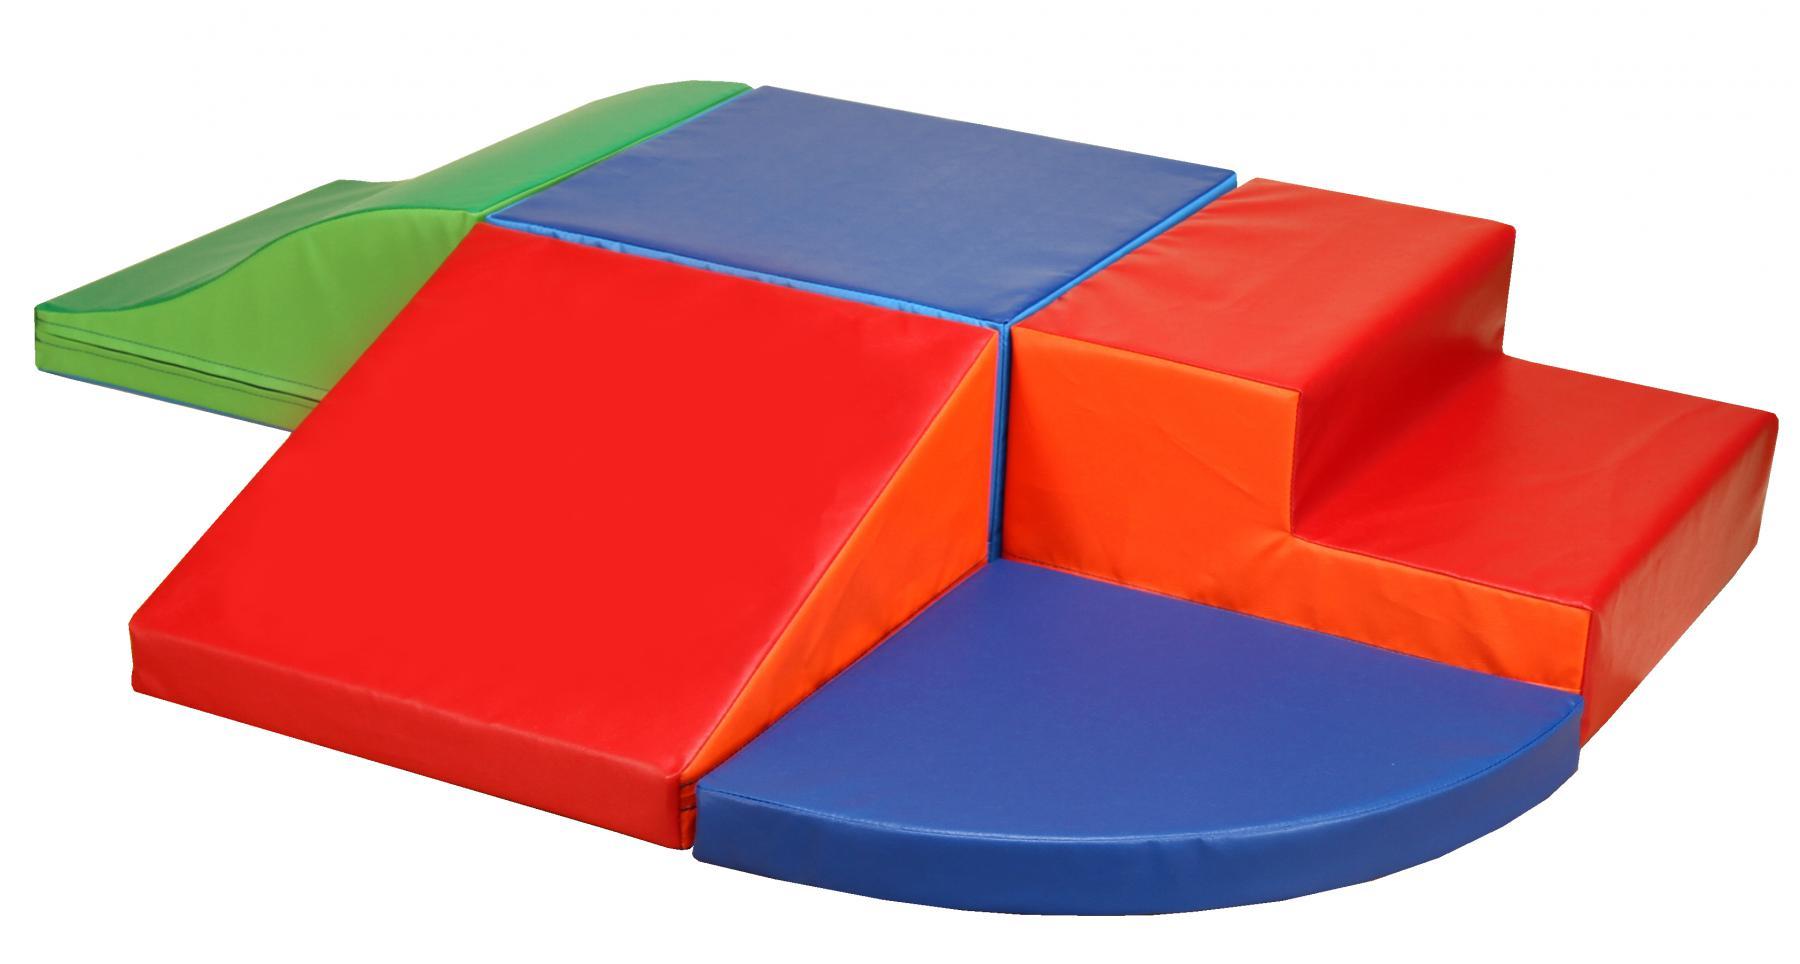 b nfer softbausteine baumodul 5 tlg bausteine bausteinsatz medi schaumstoff kaufen bei euro. Black Bedroom Furniture Sets. Home Design Ideas